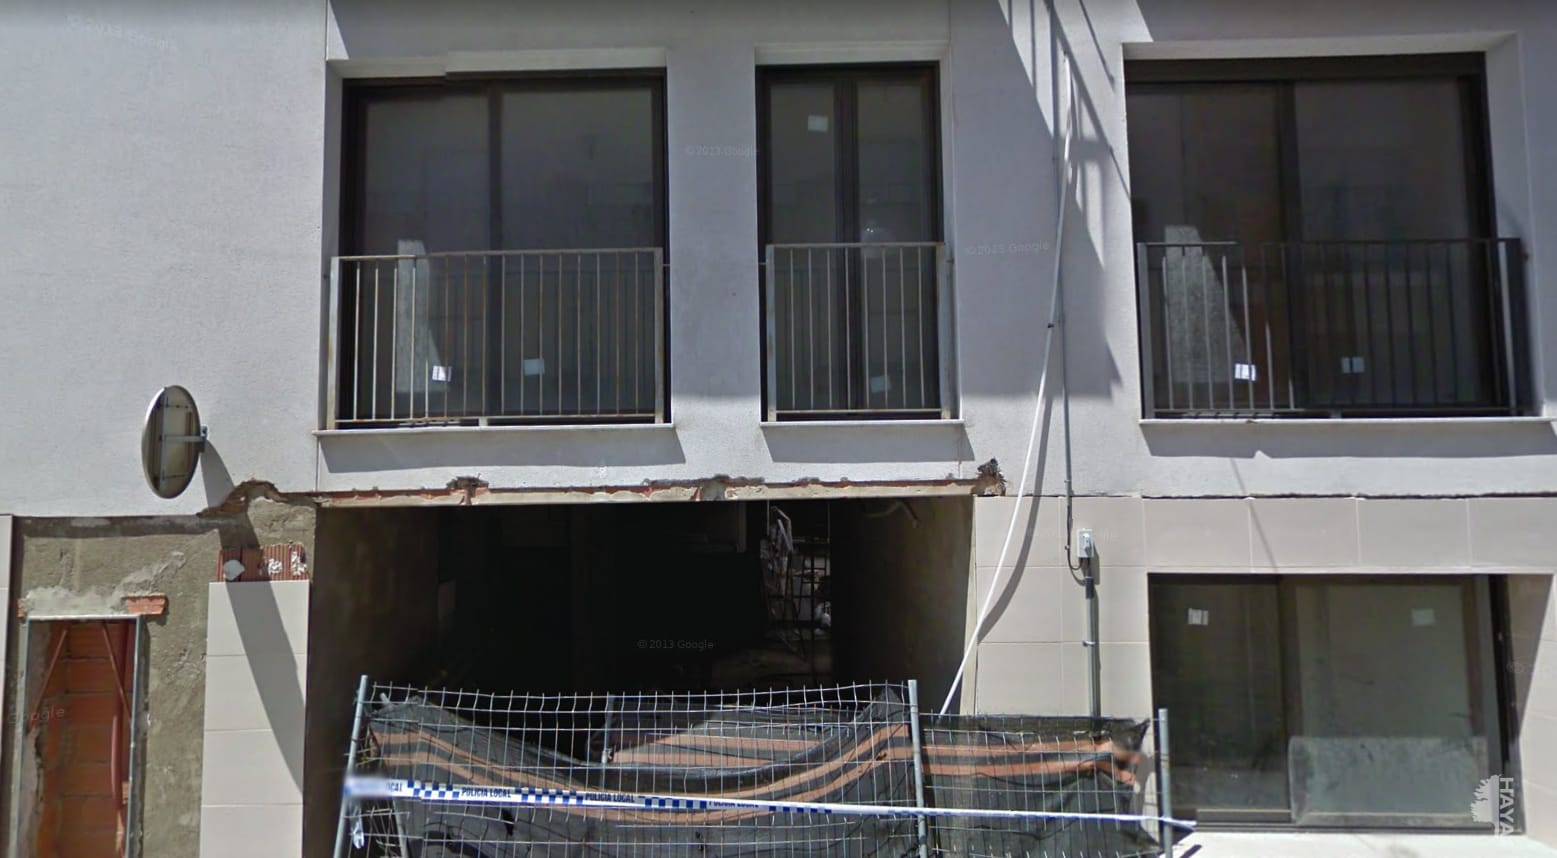 Piso en venta en Palafolls, Barcelona, Calle Mar, 60.500 €, 2 habitaciones, 1 baño, 49 m2